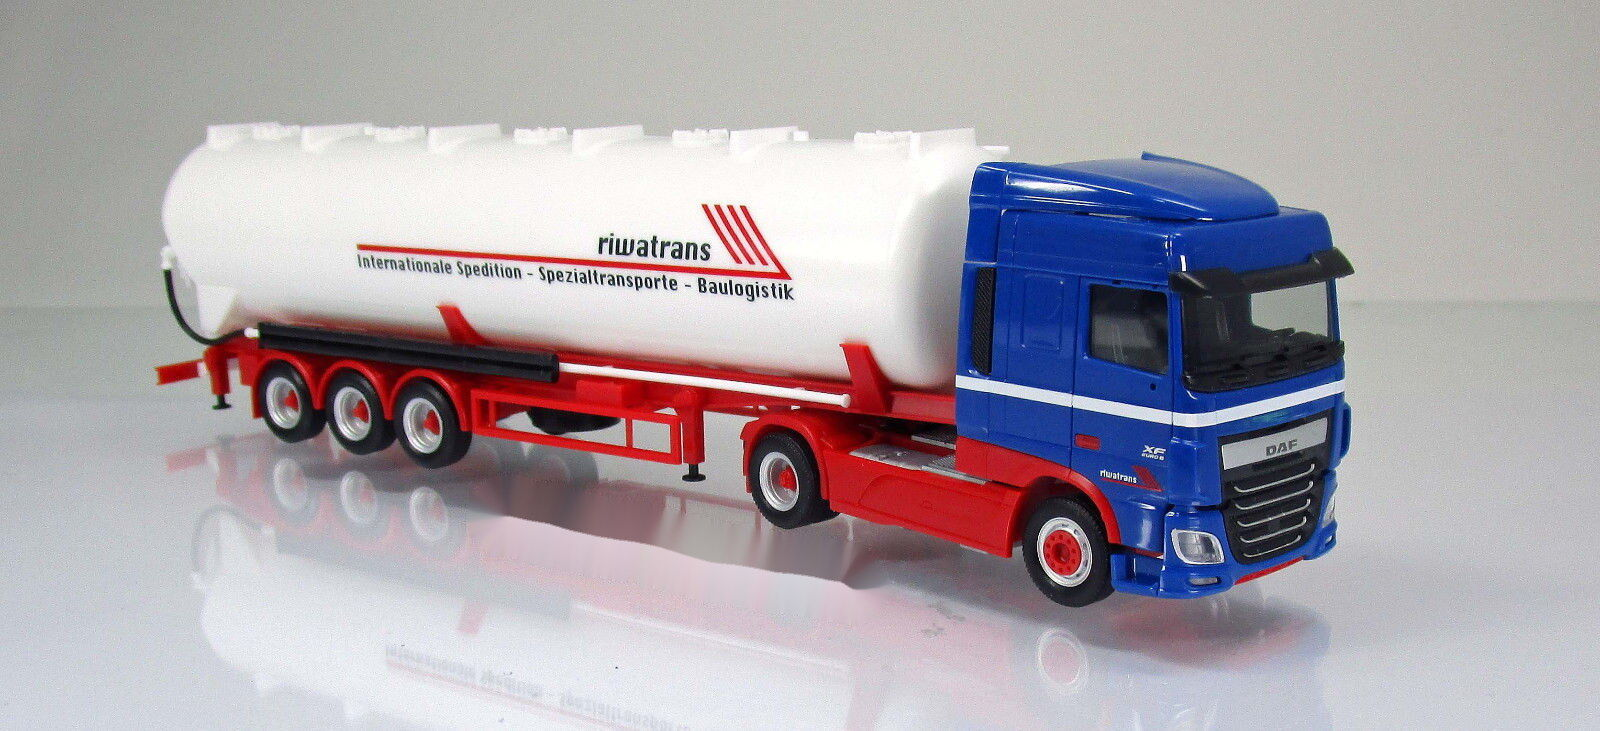 Herpa 306058 DAF XF SC EURO 6 CDR-Silo Semi-remorque camion Riwatrans Scale 1 87 NOUVEAU